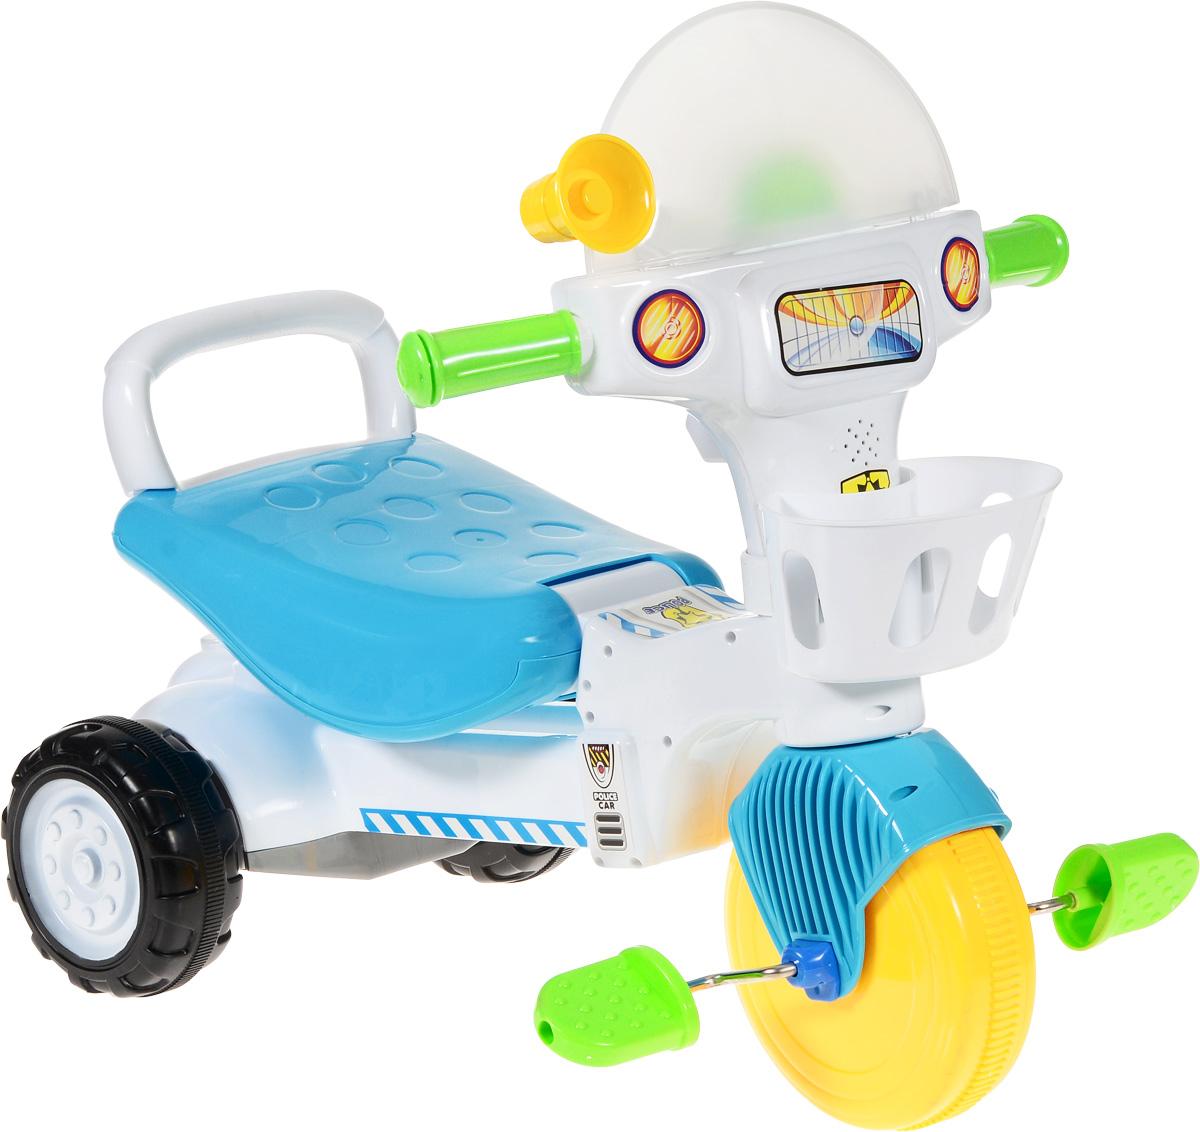 J.R. TOYS Велосипед детский Трицикл цвет голубой белый